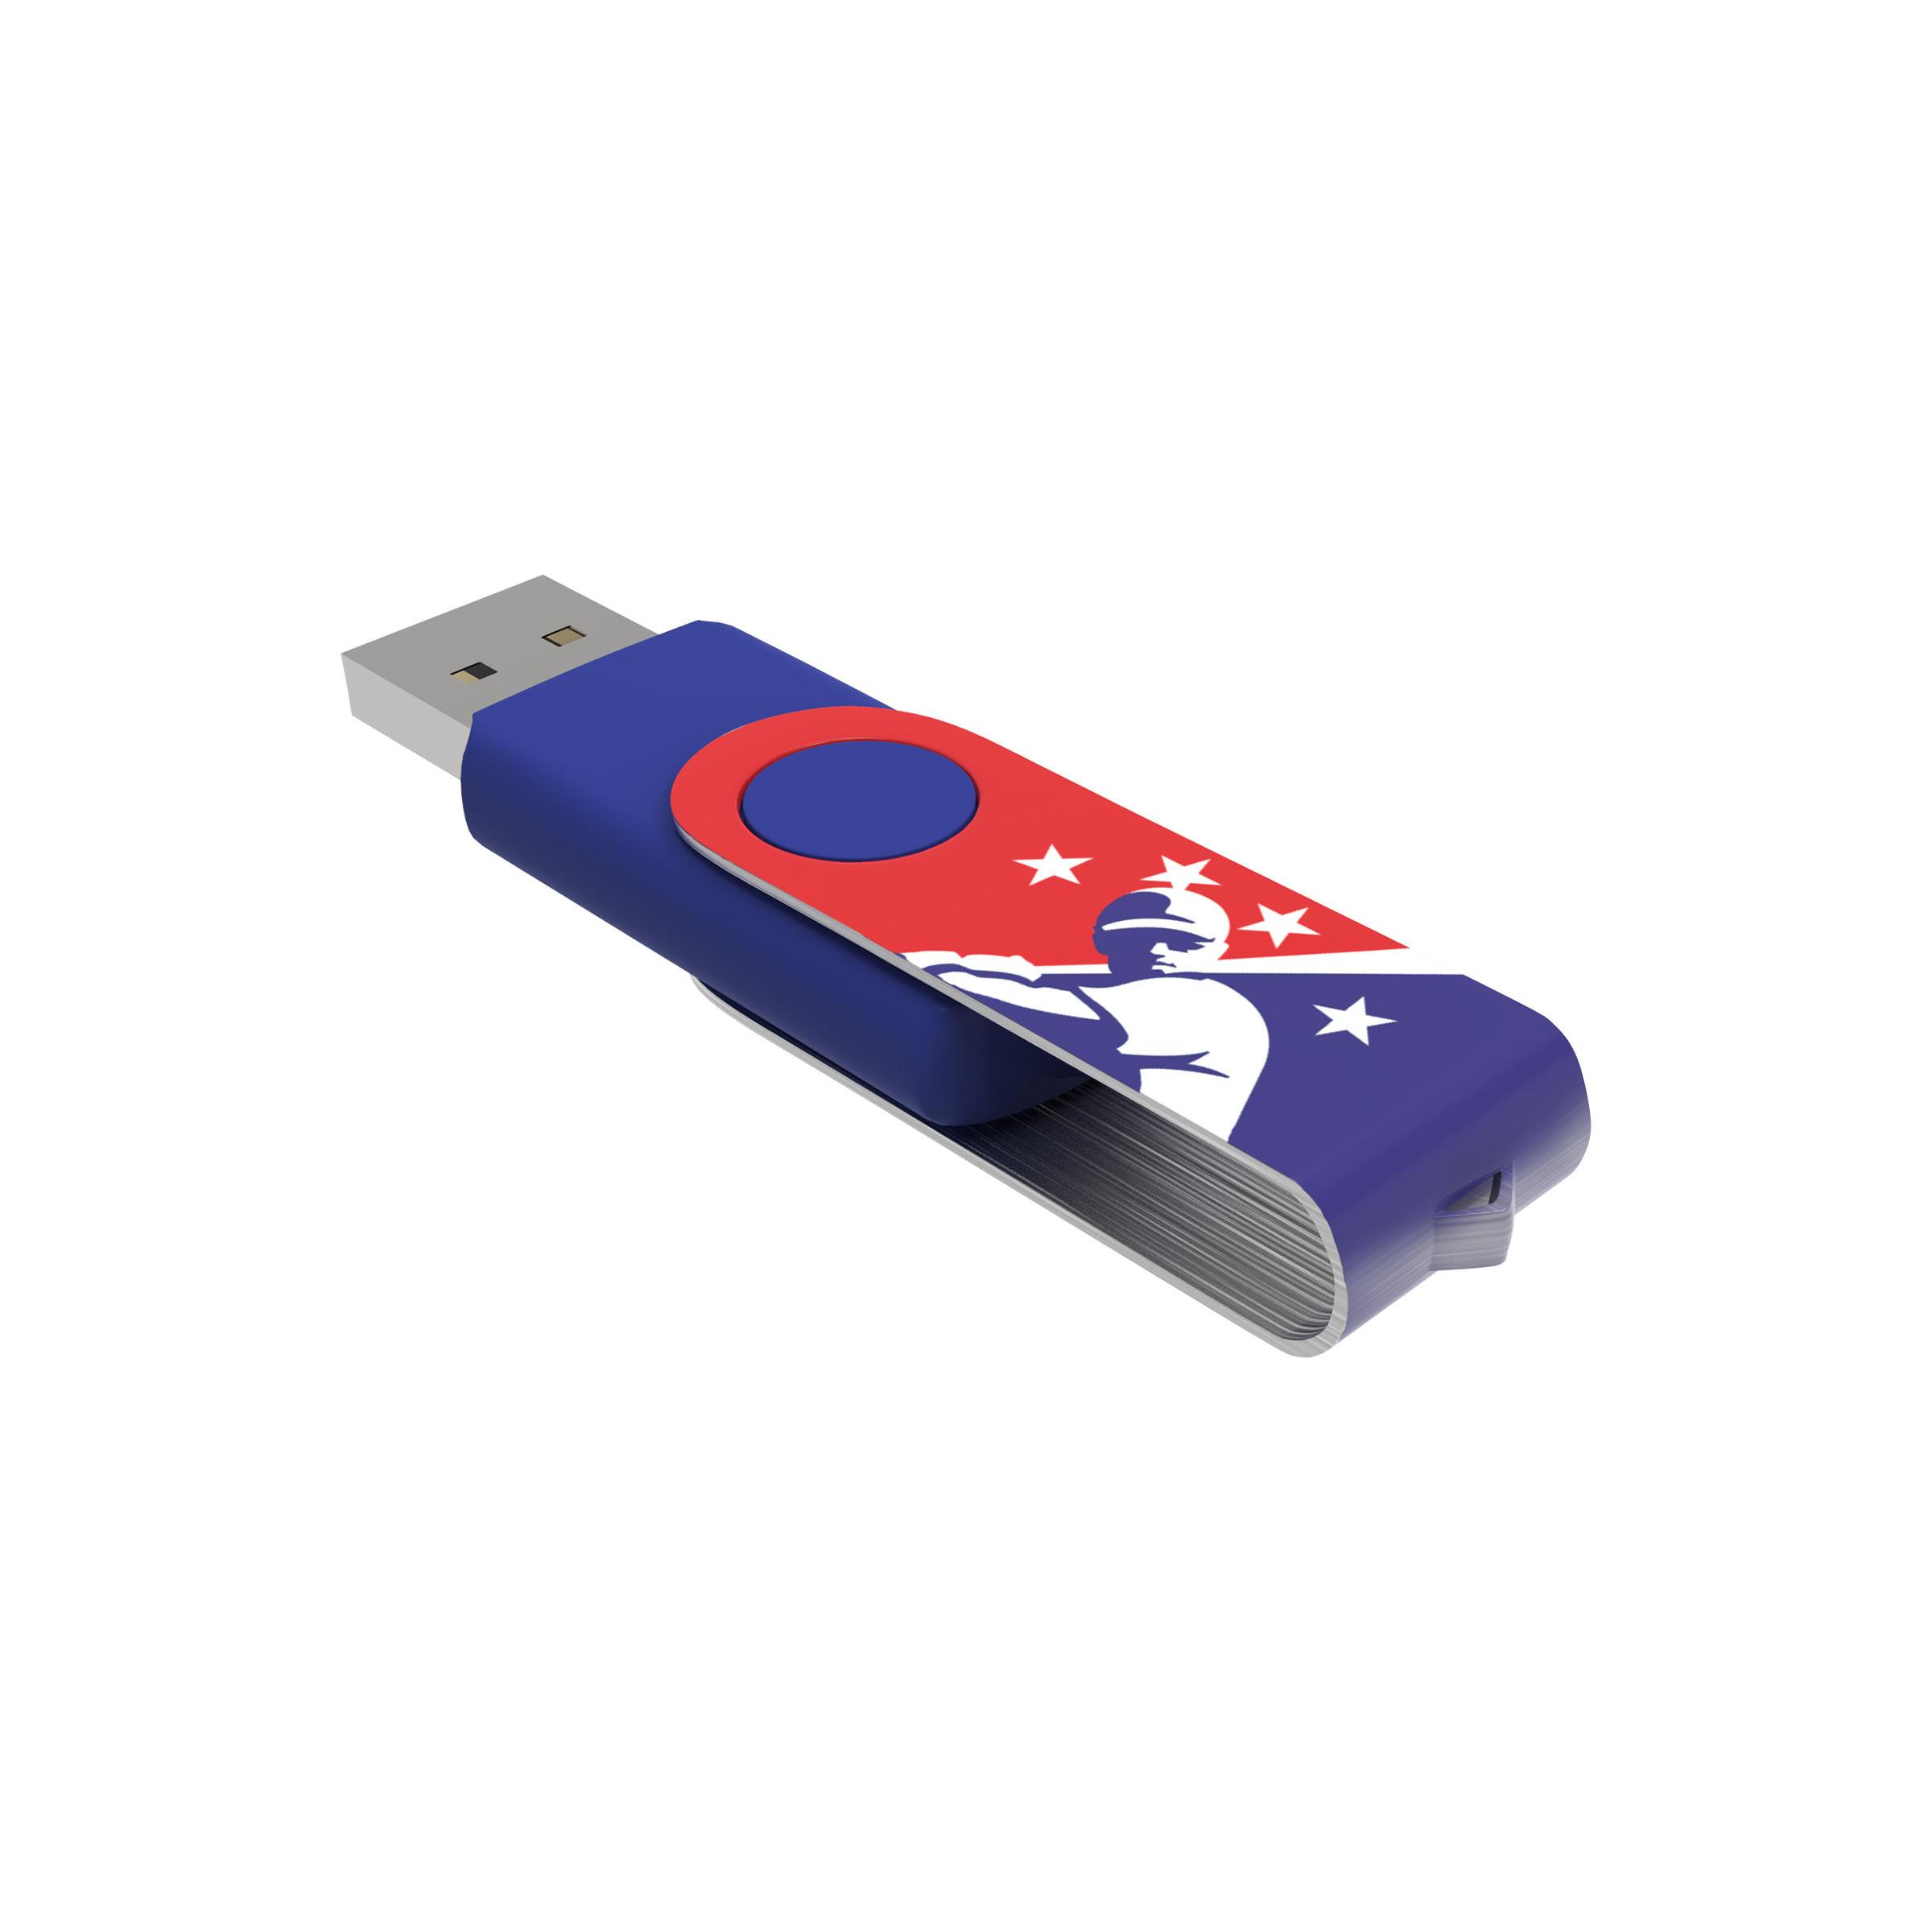 Clé USB Twister avec marquage intégral - 21-1073-12